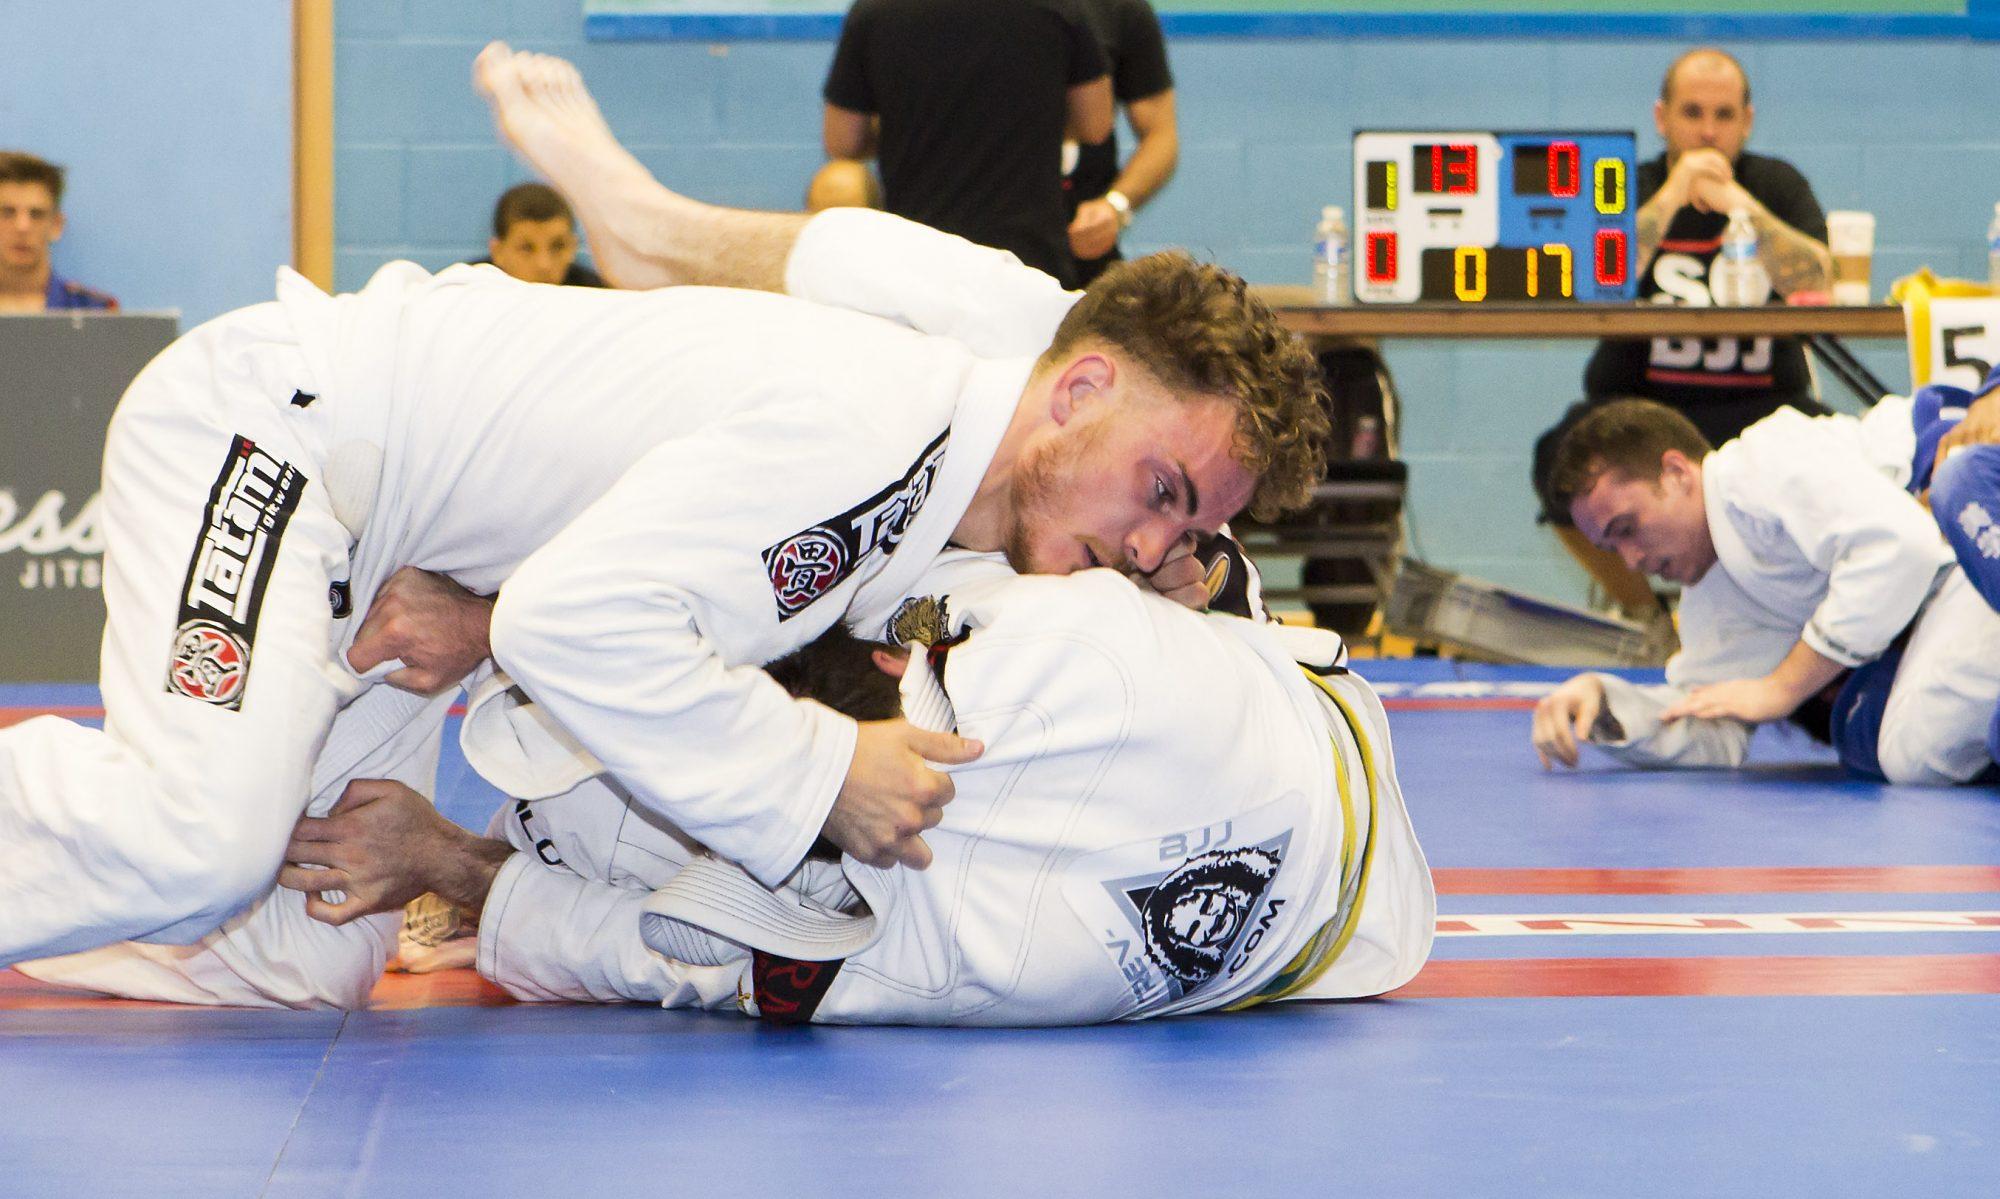 Surrey Open of Brazilian Jiu Jitsu